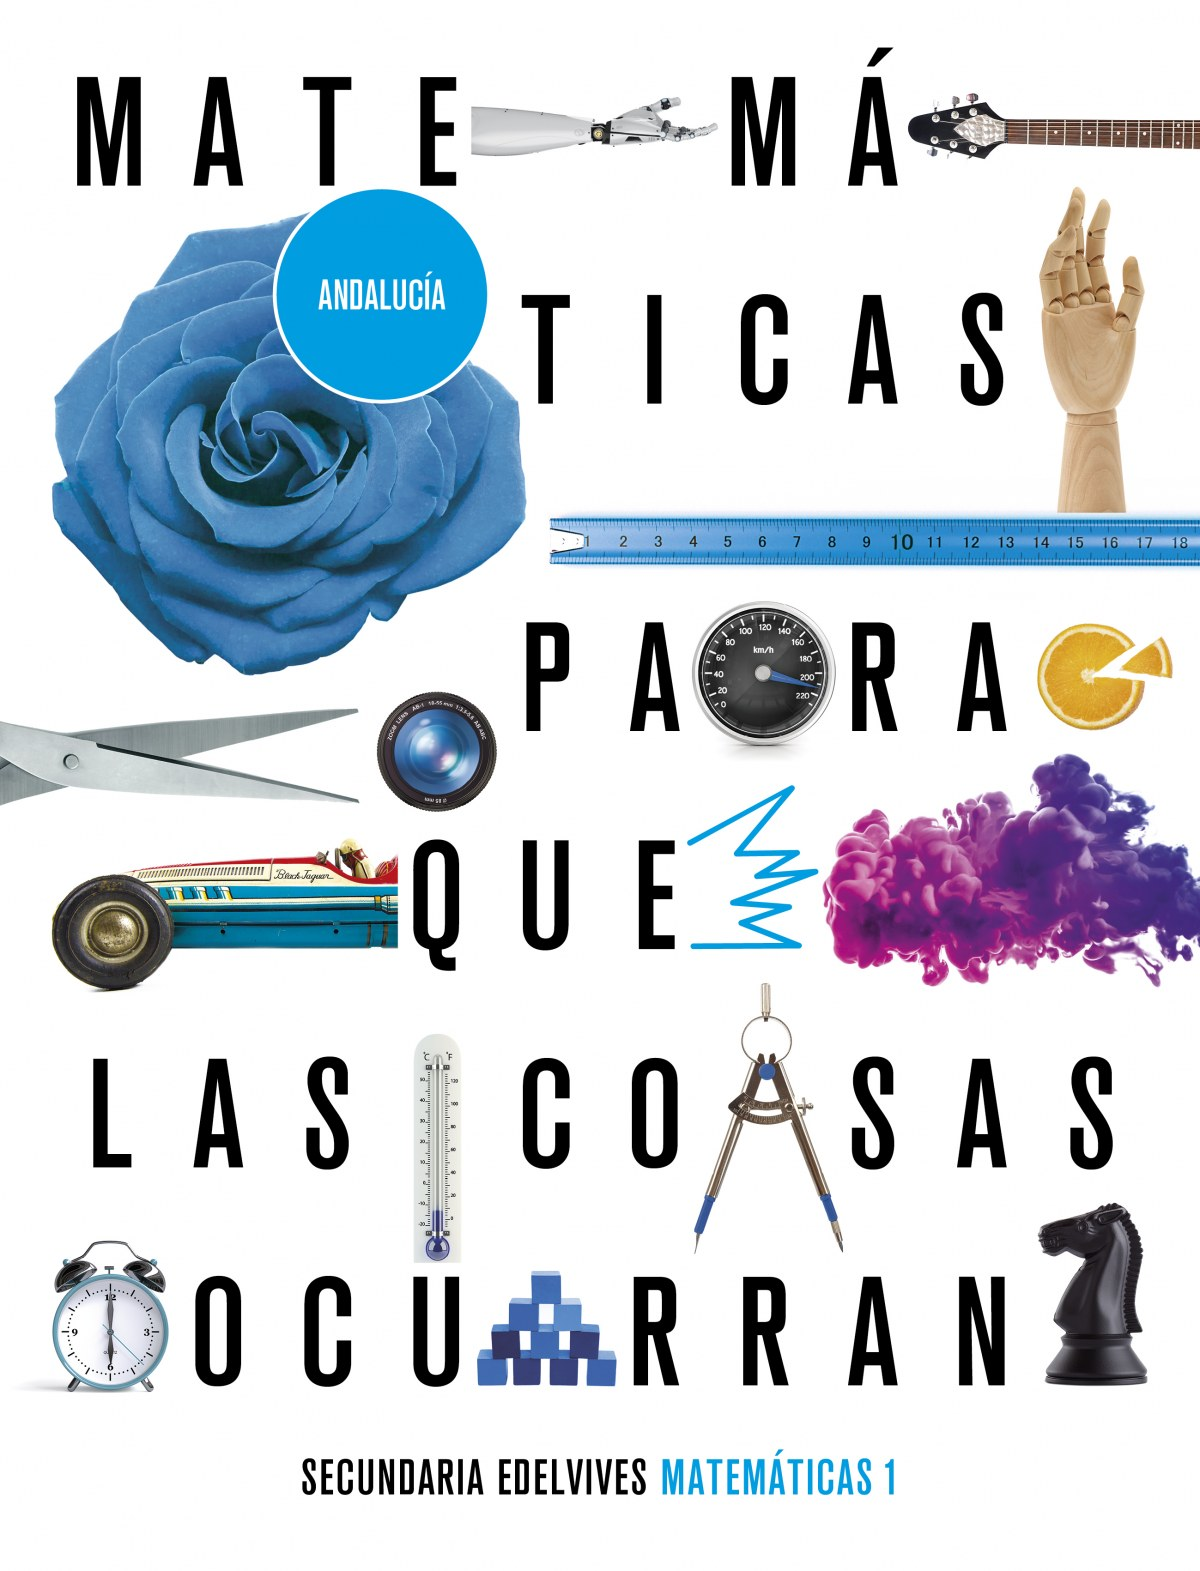 Proyecto: Para que las cosas ocurran - Matemáticas 1. Ed. Andalucía